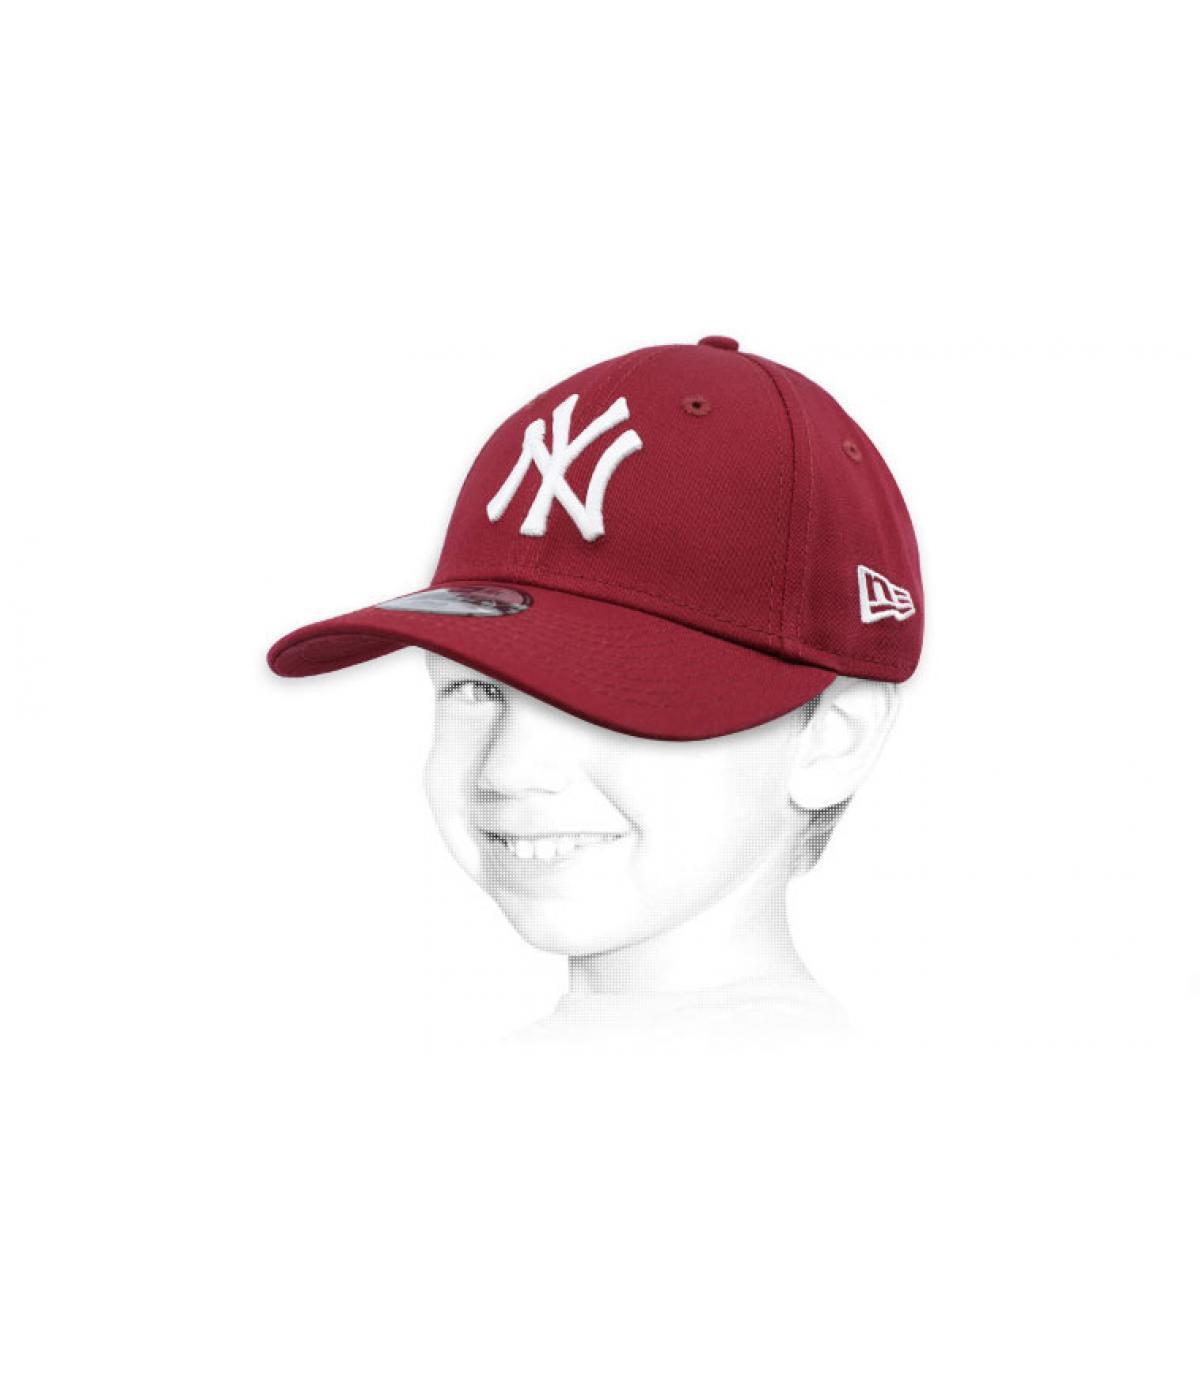 child burgundy NY cap